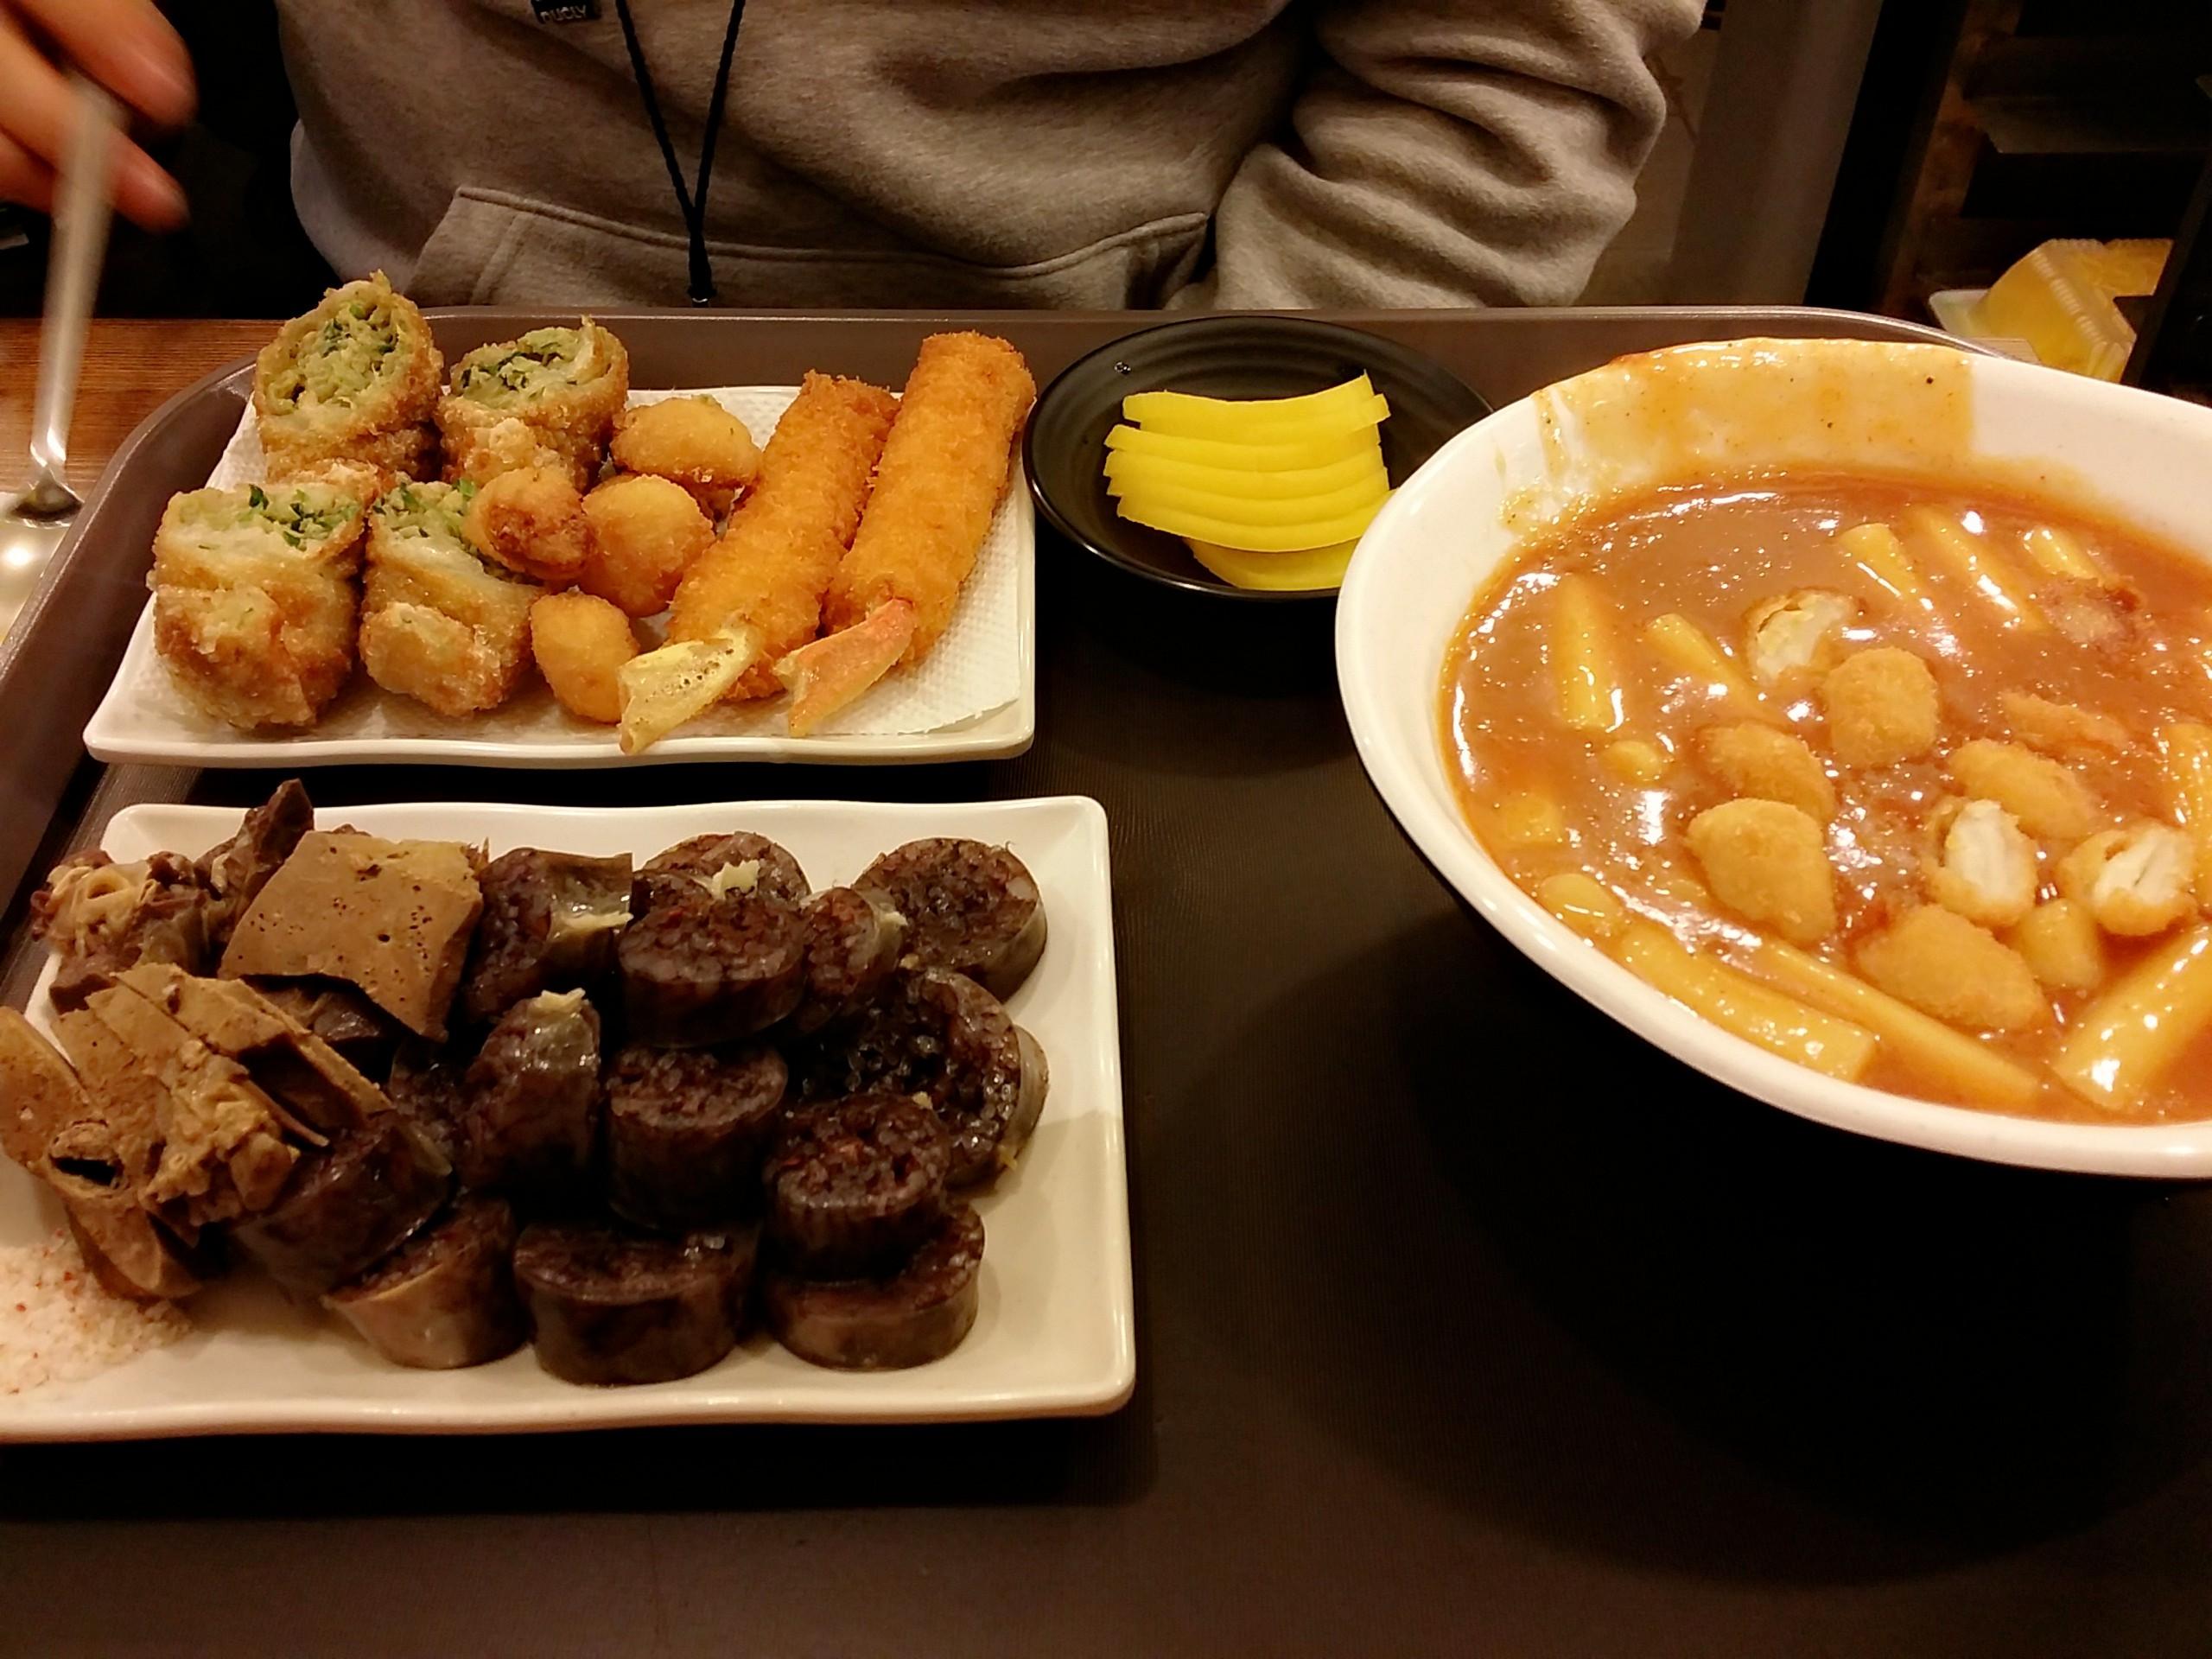 홍대 마늘떡볶이 : 마늘튀김도 생겼다...!!!!!!